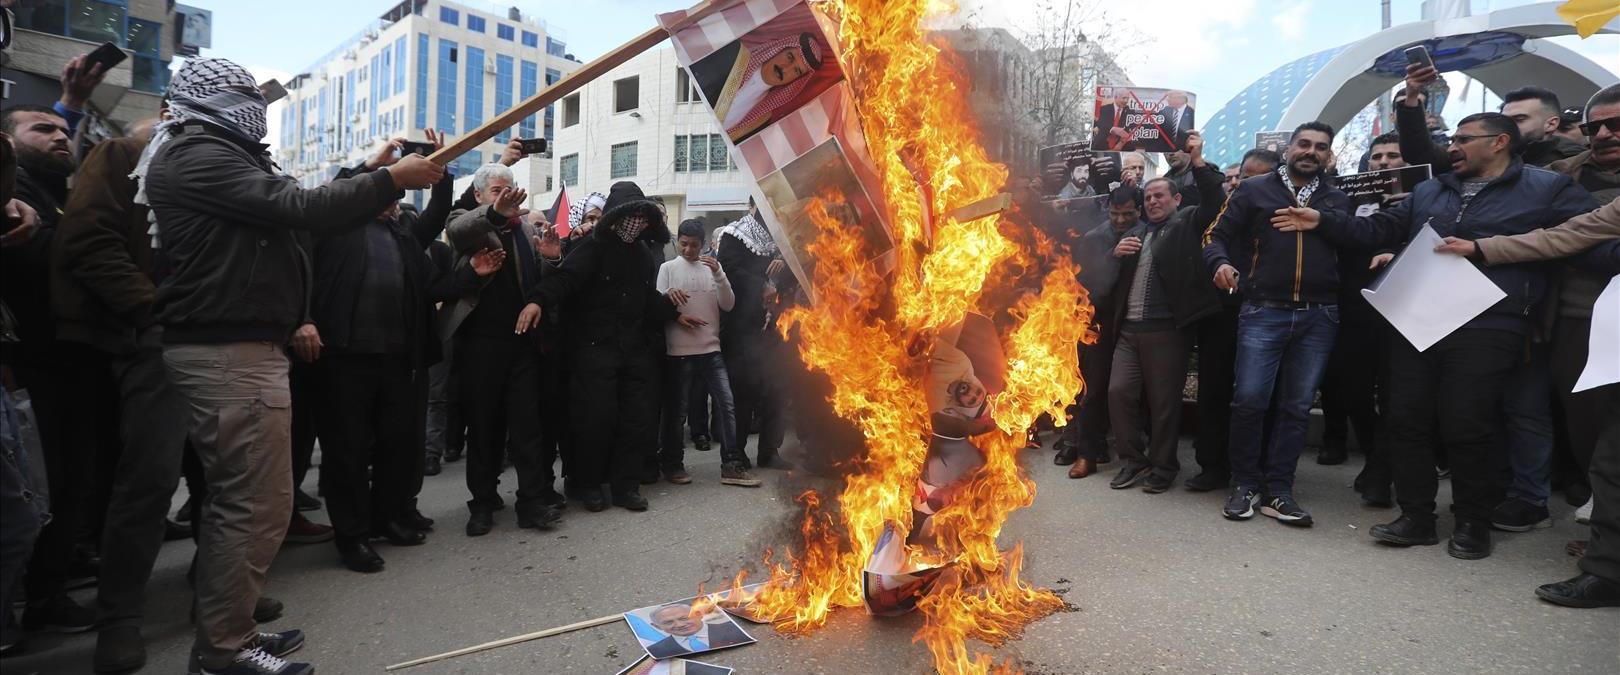 """פלסטינים בחברון שורפים את דגל ארה""""ב, השבוע"""